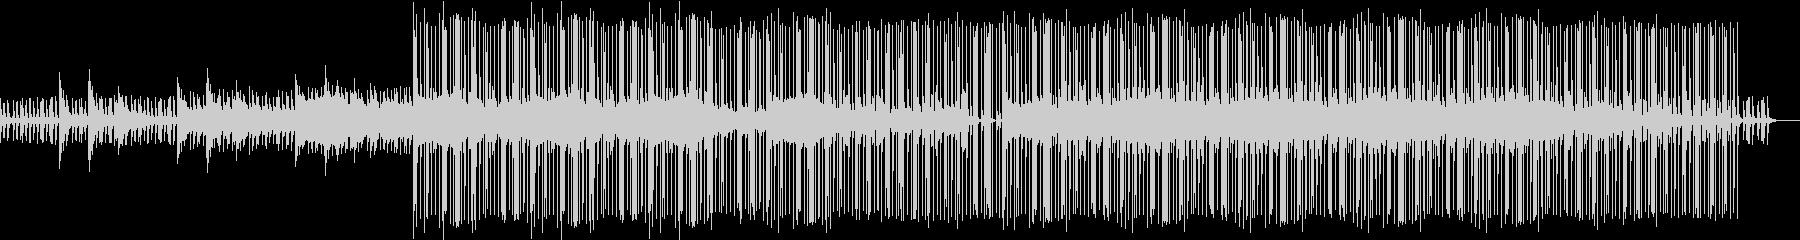 現代音楽・ミニマル的ピアノメインインストの未再生の波形